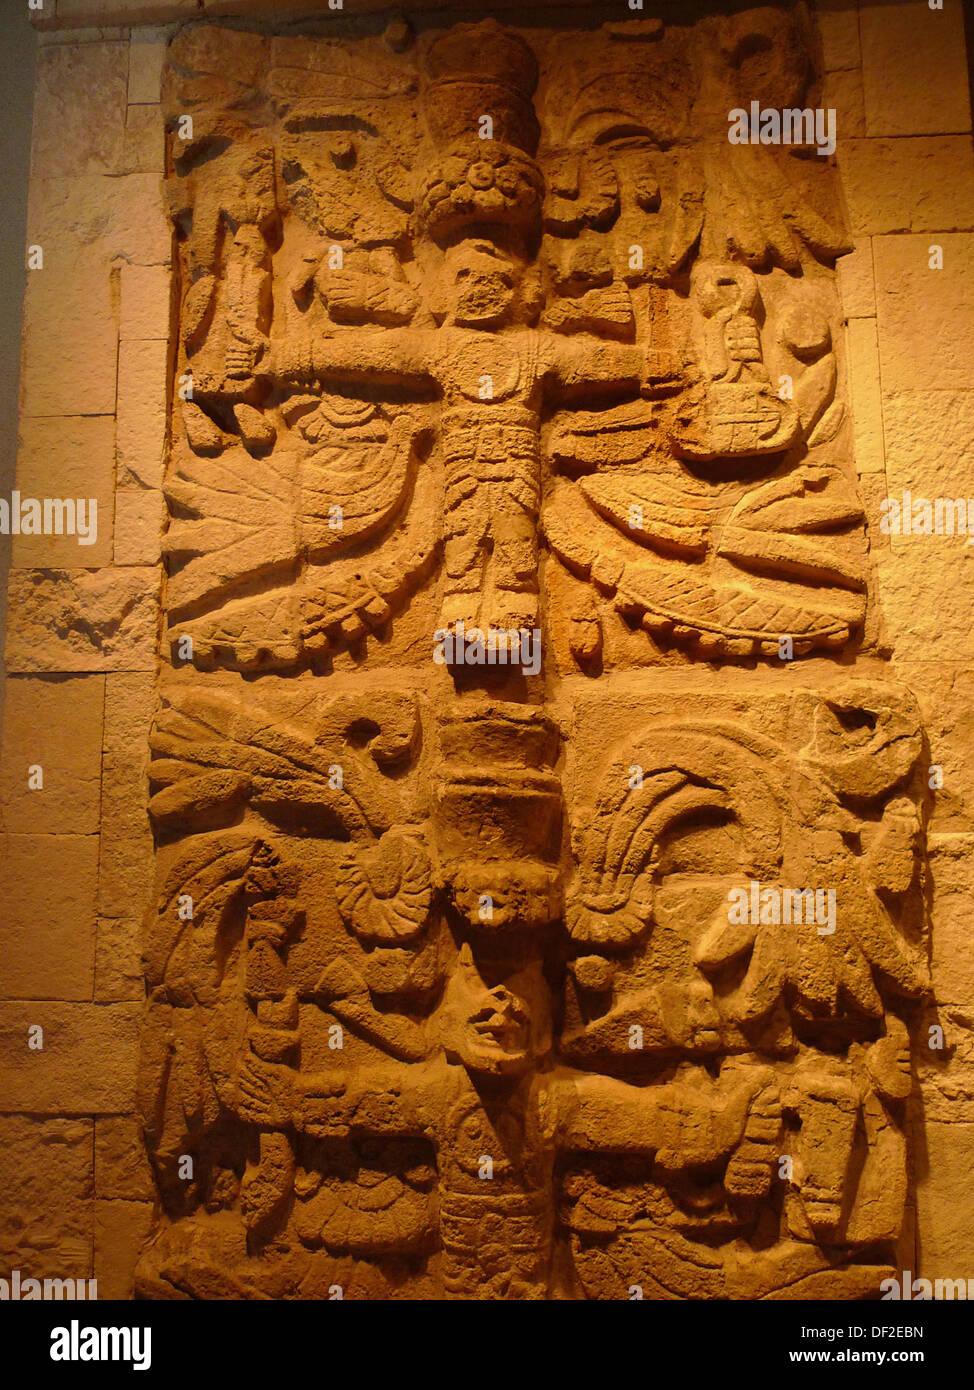 Mayan Cross Stock Photos & Mayan Cross Stock Images - Alamy